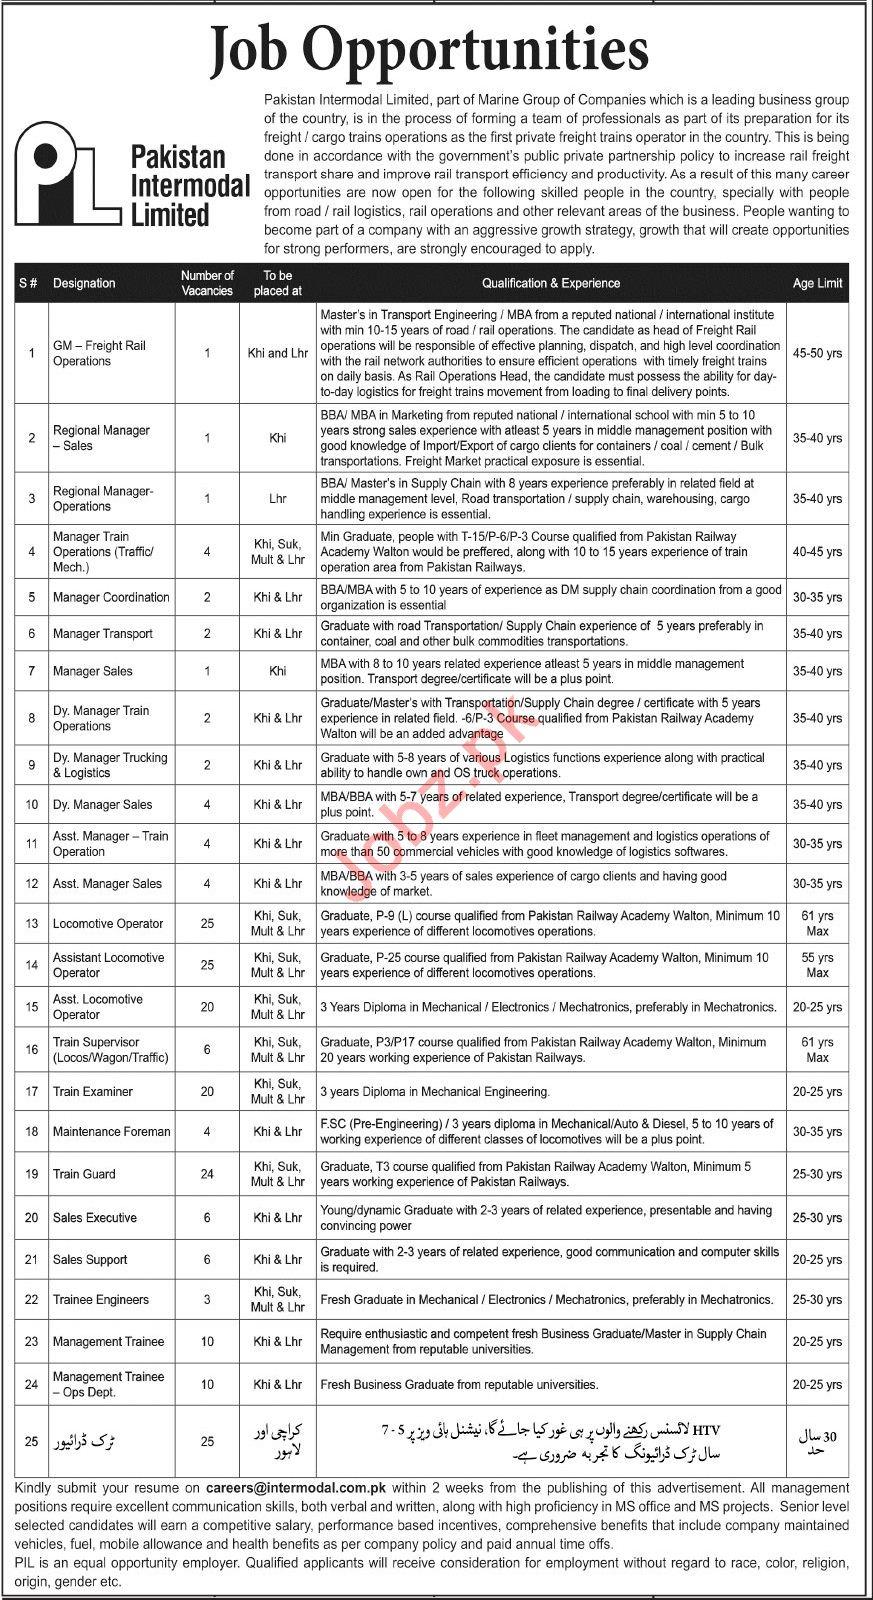 Pakistan Intermodal Limited Jobs 2020